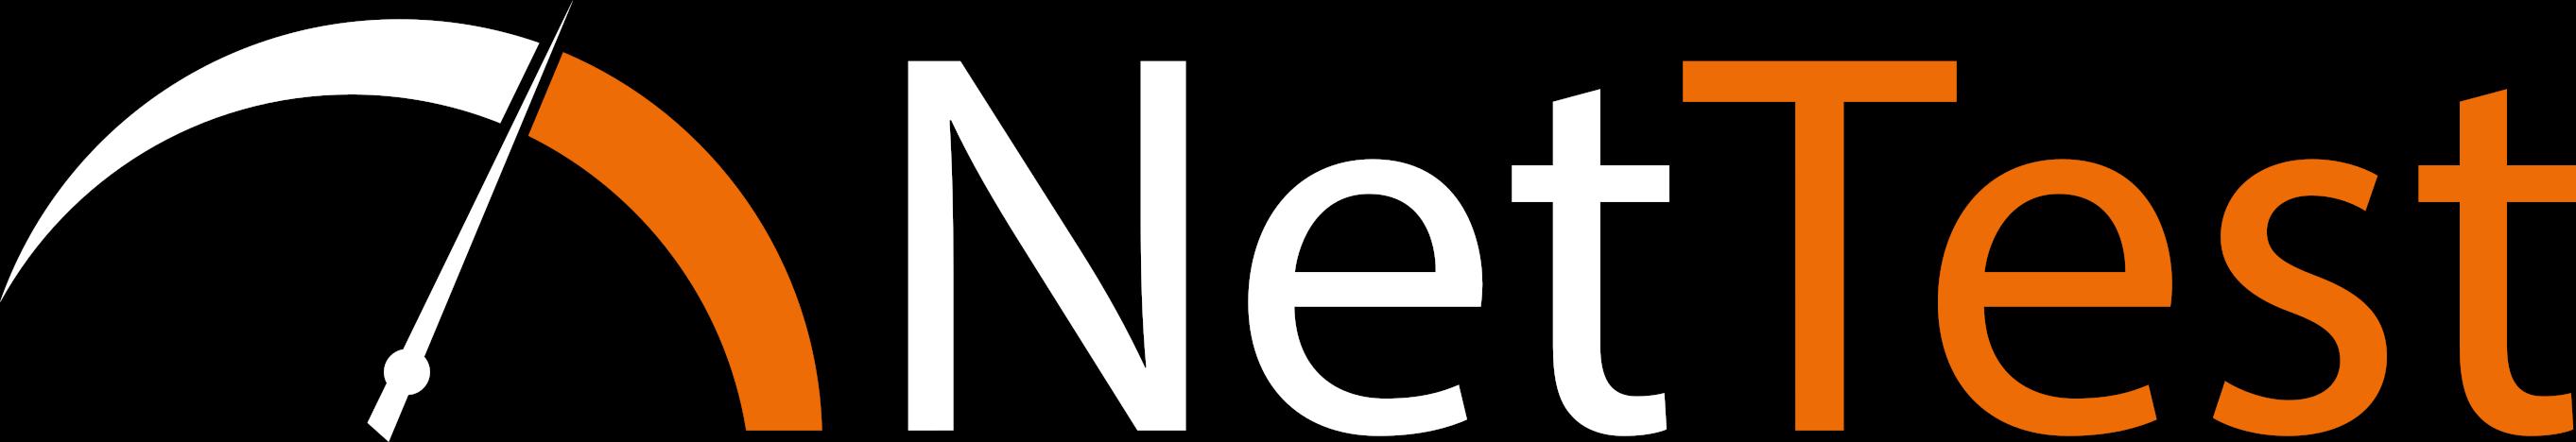 ČTU spouští NetTest, certifikovaný test internetu (Zdroj: NetTest.cz)